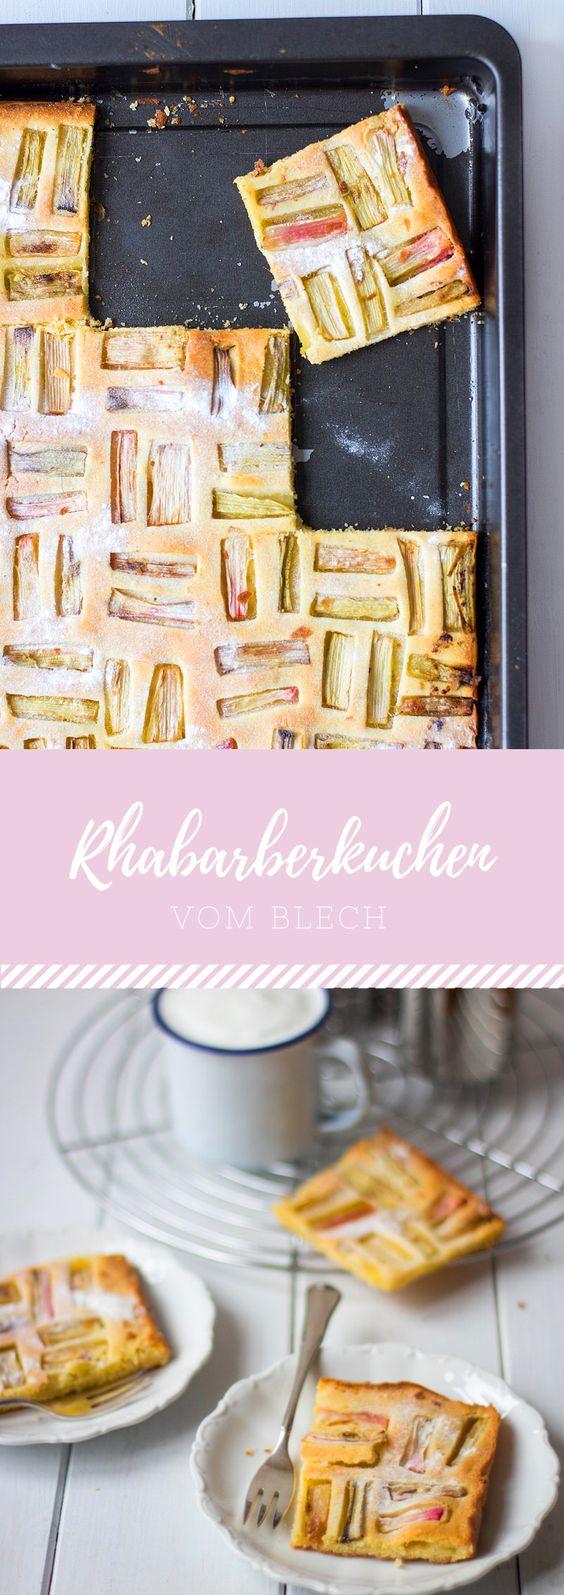 Super einfacher Rhabarberkuchen vom Blech